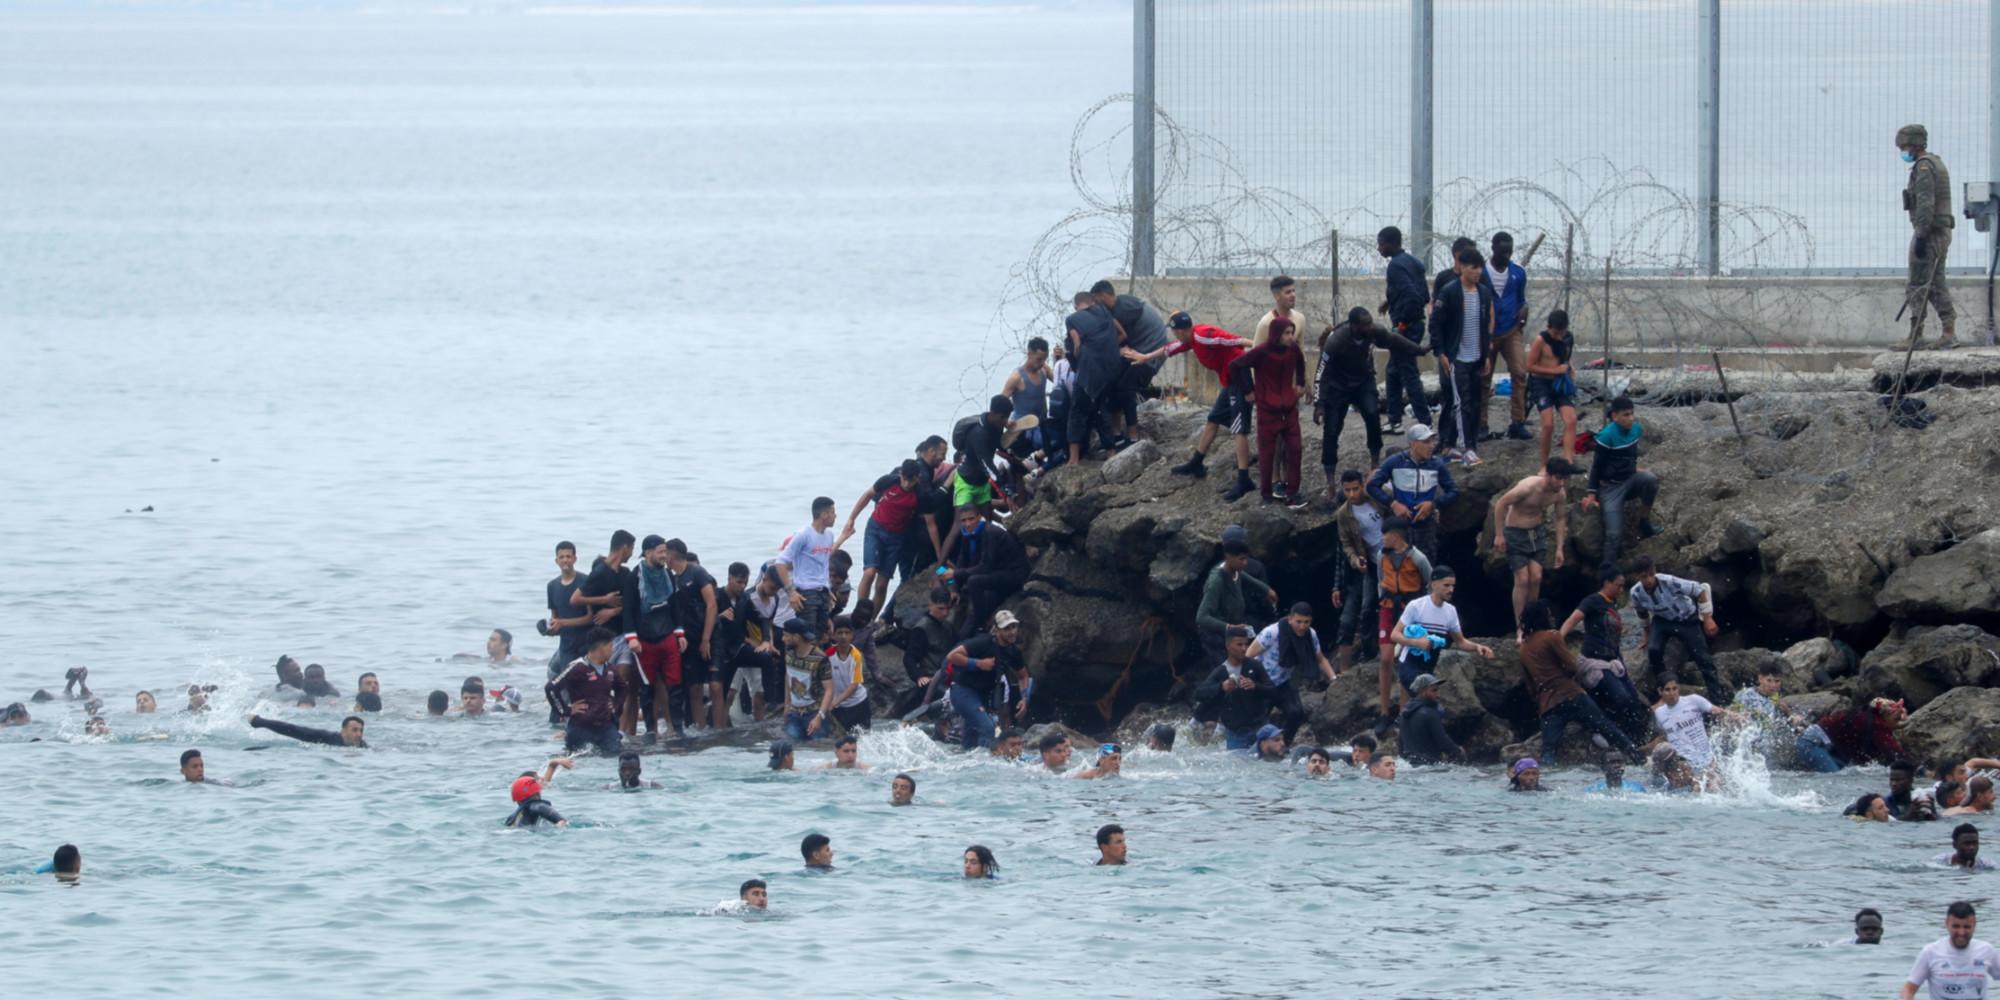 L'Espagne renvoie plus de 6 600 migrants au Maroc